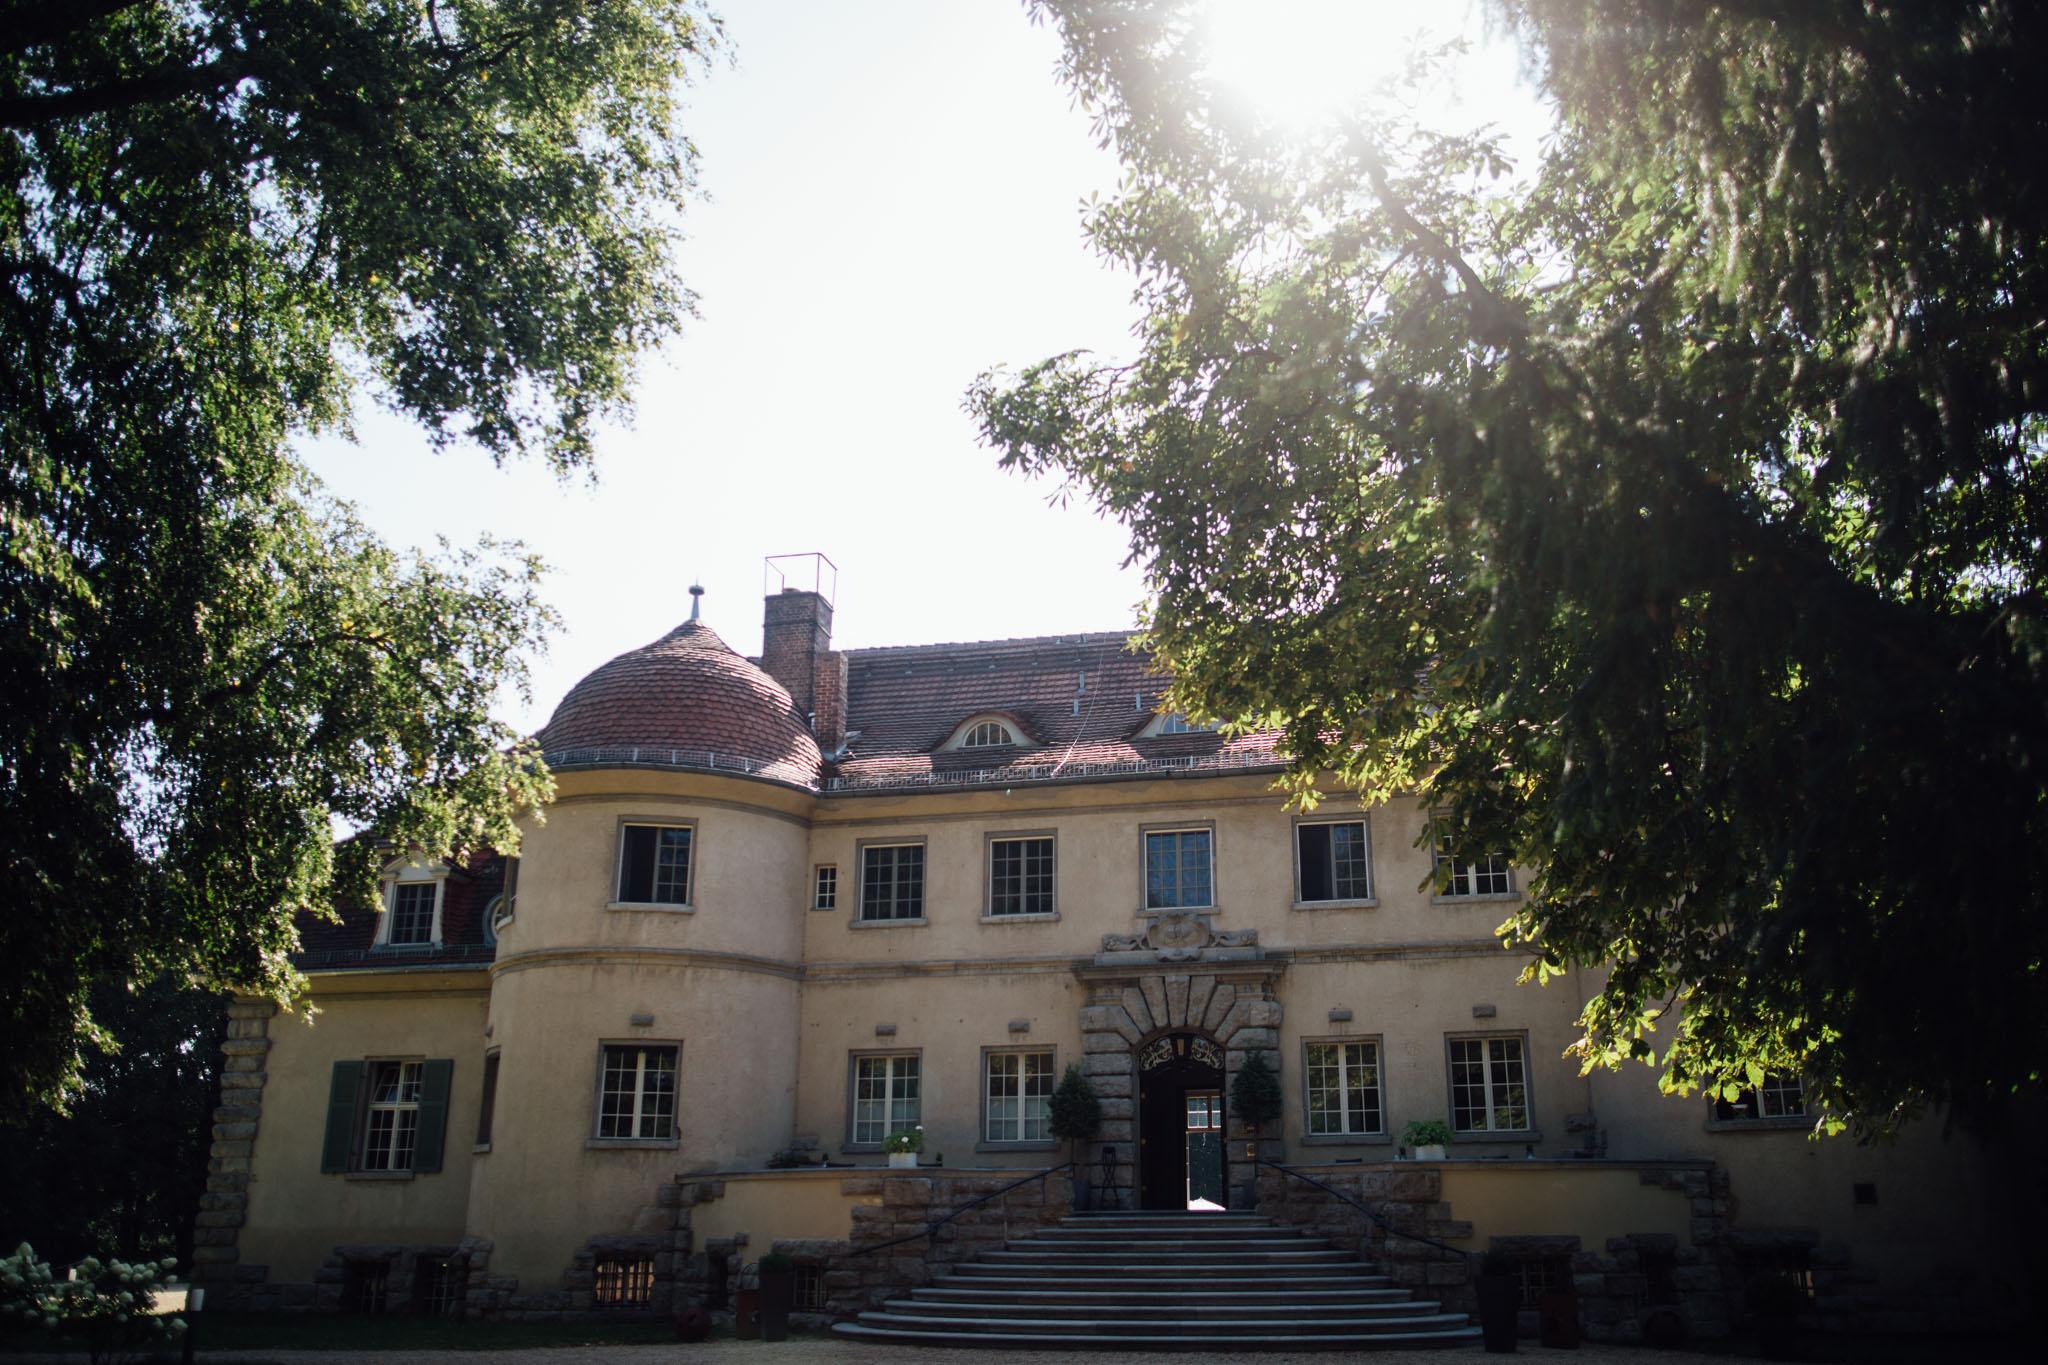 schloss-kartzow-potsdam-berlin